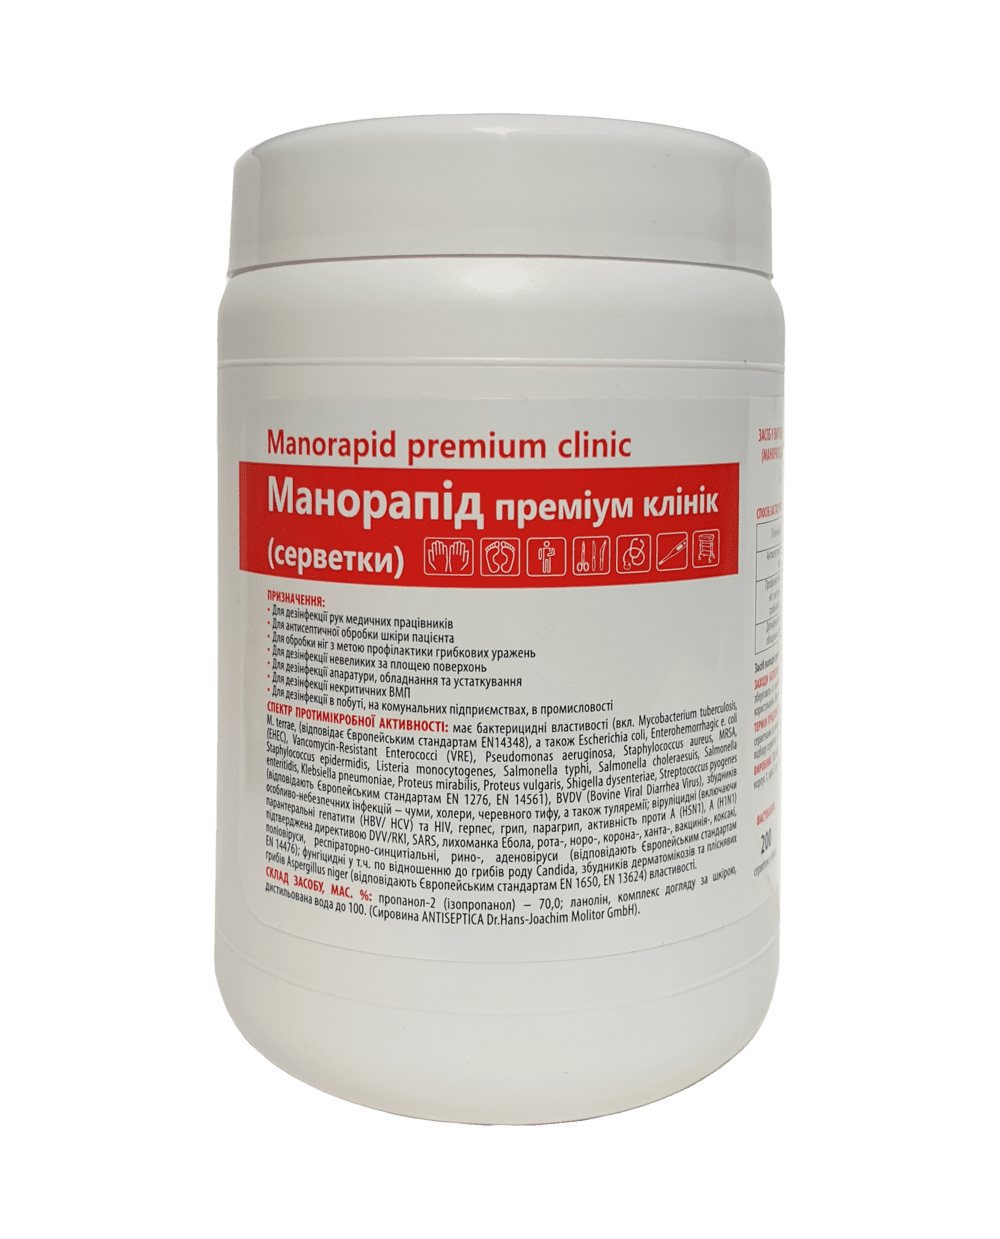 Манорапід преміум клінік (серветки), 200шт.